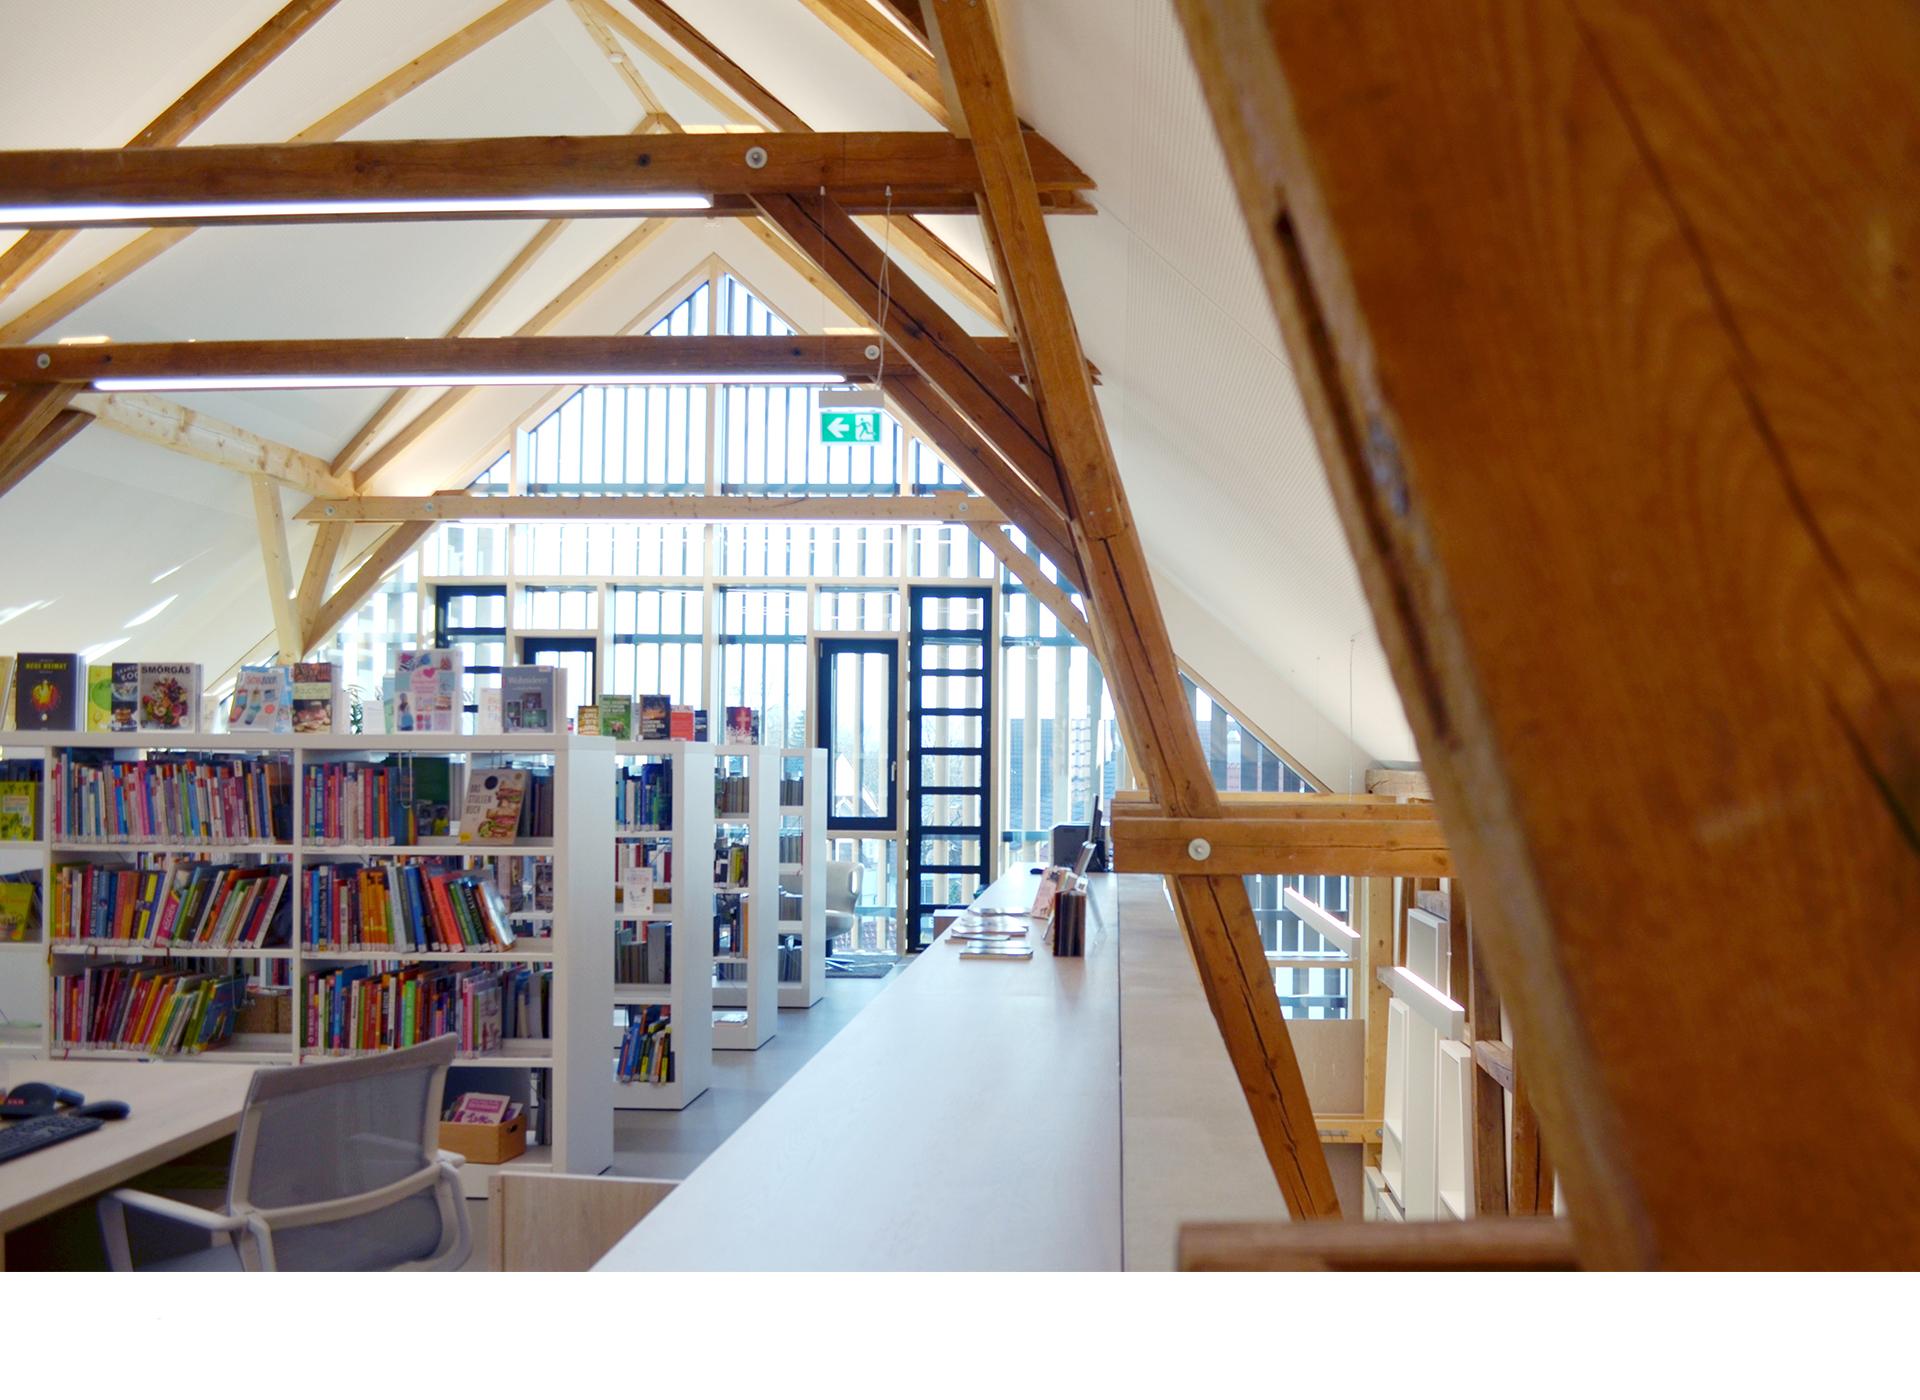 Bücherei_Sonderbau_03 Kopie.jpg